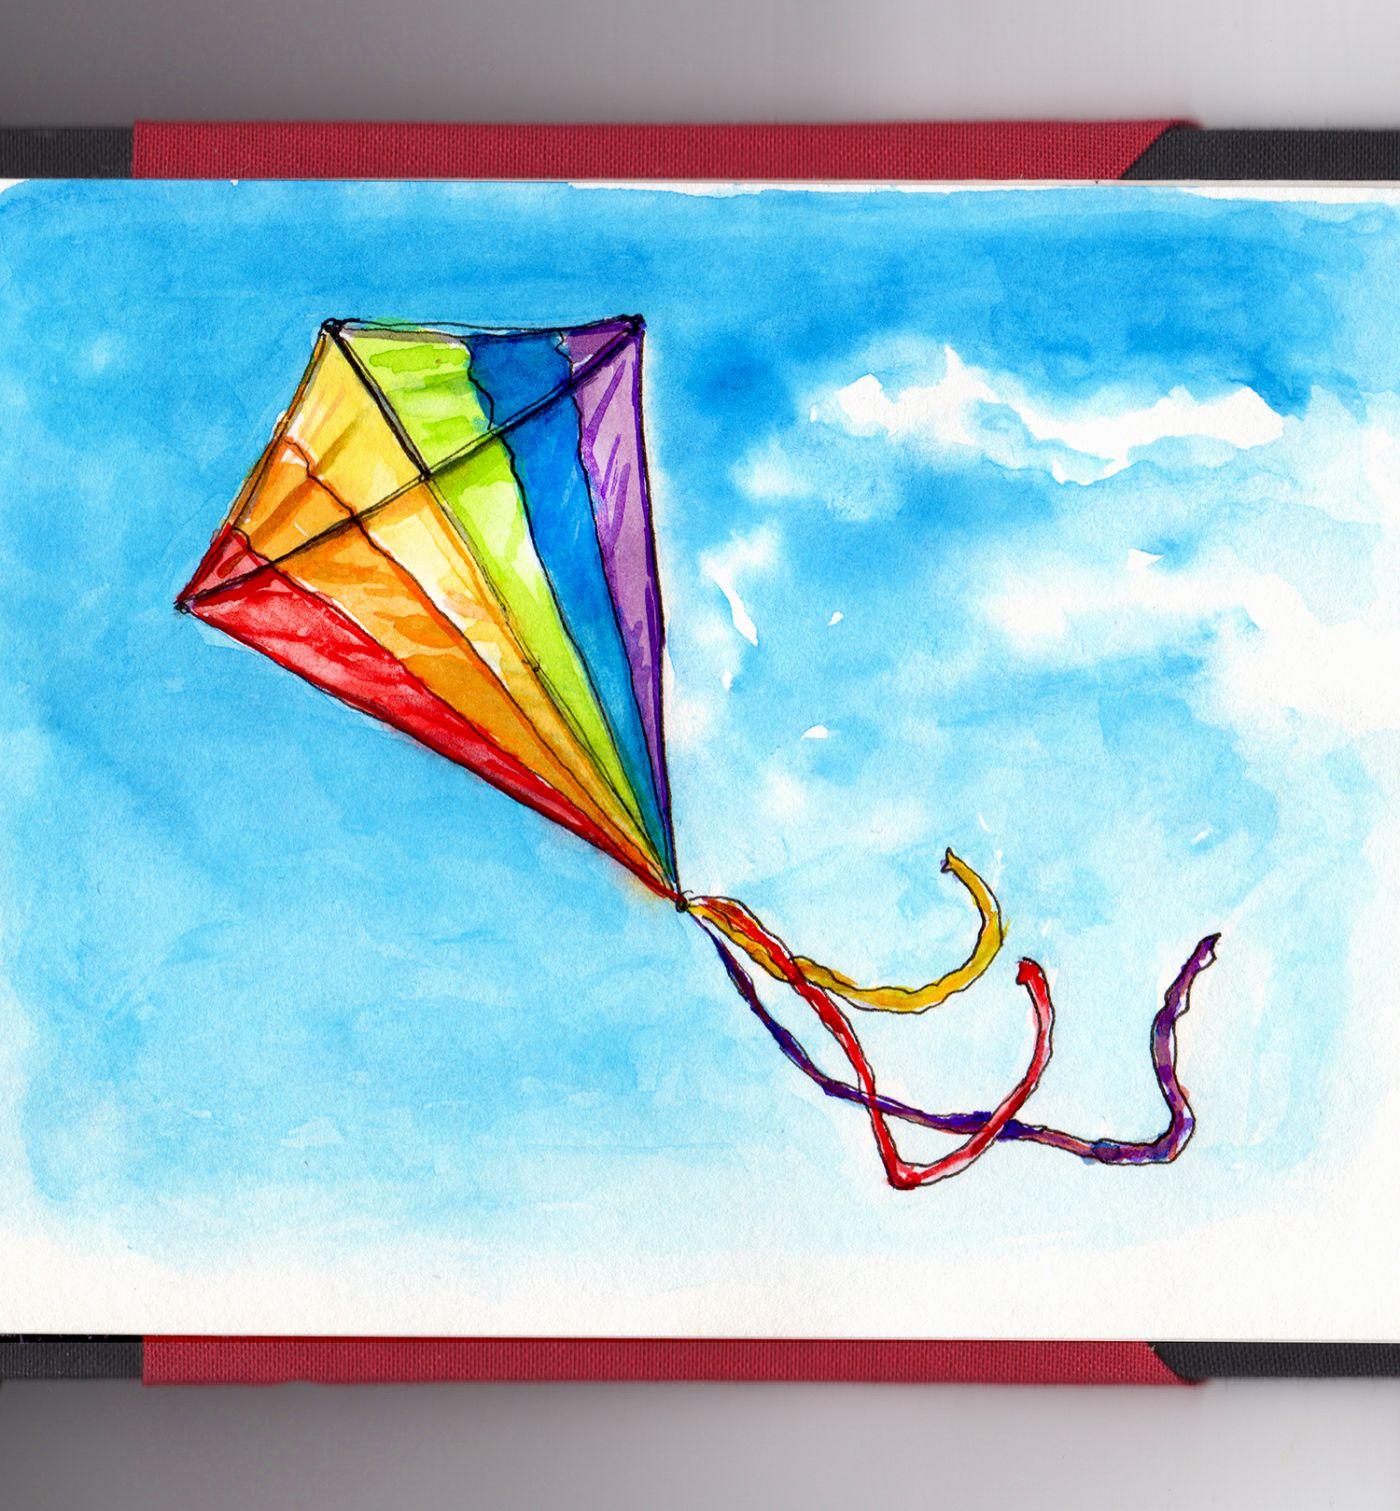 Go Fly A Kite Go Fly A Kite Spring Art Kite